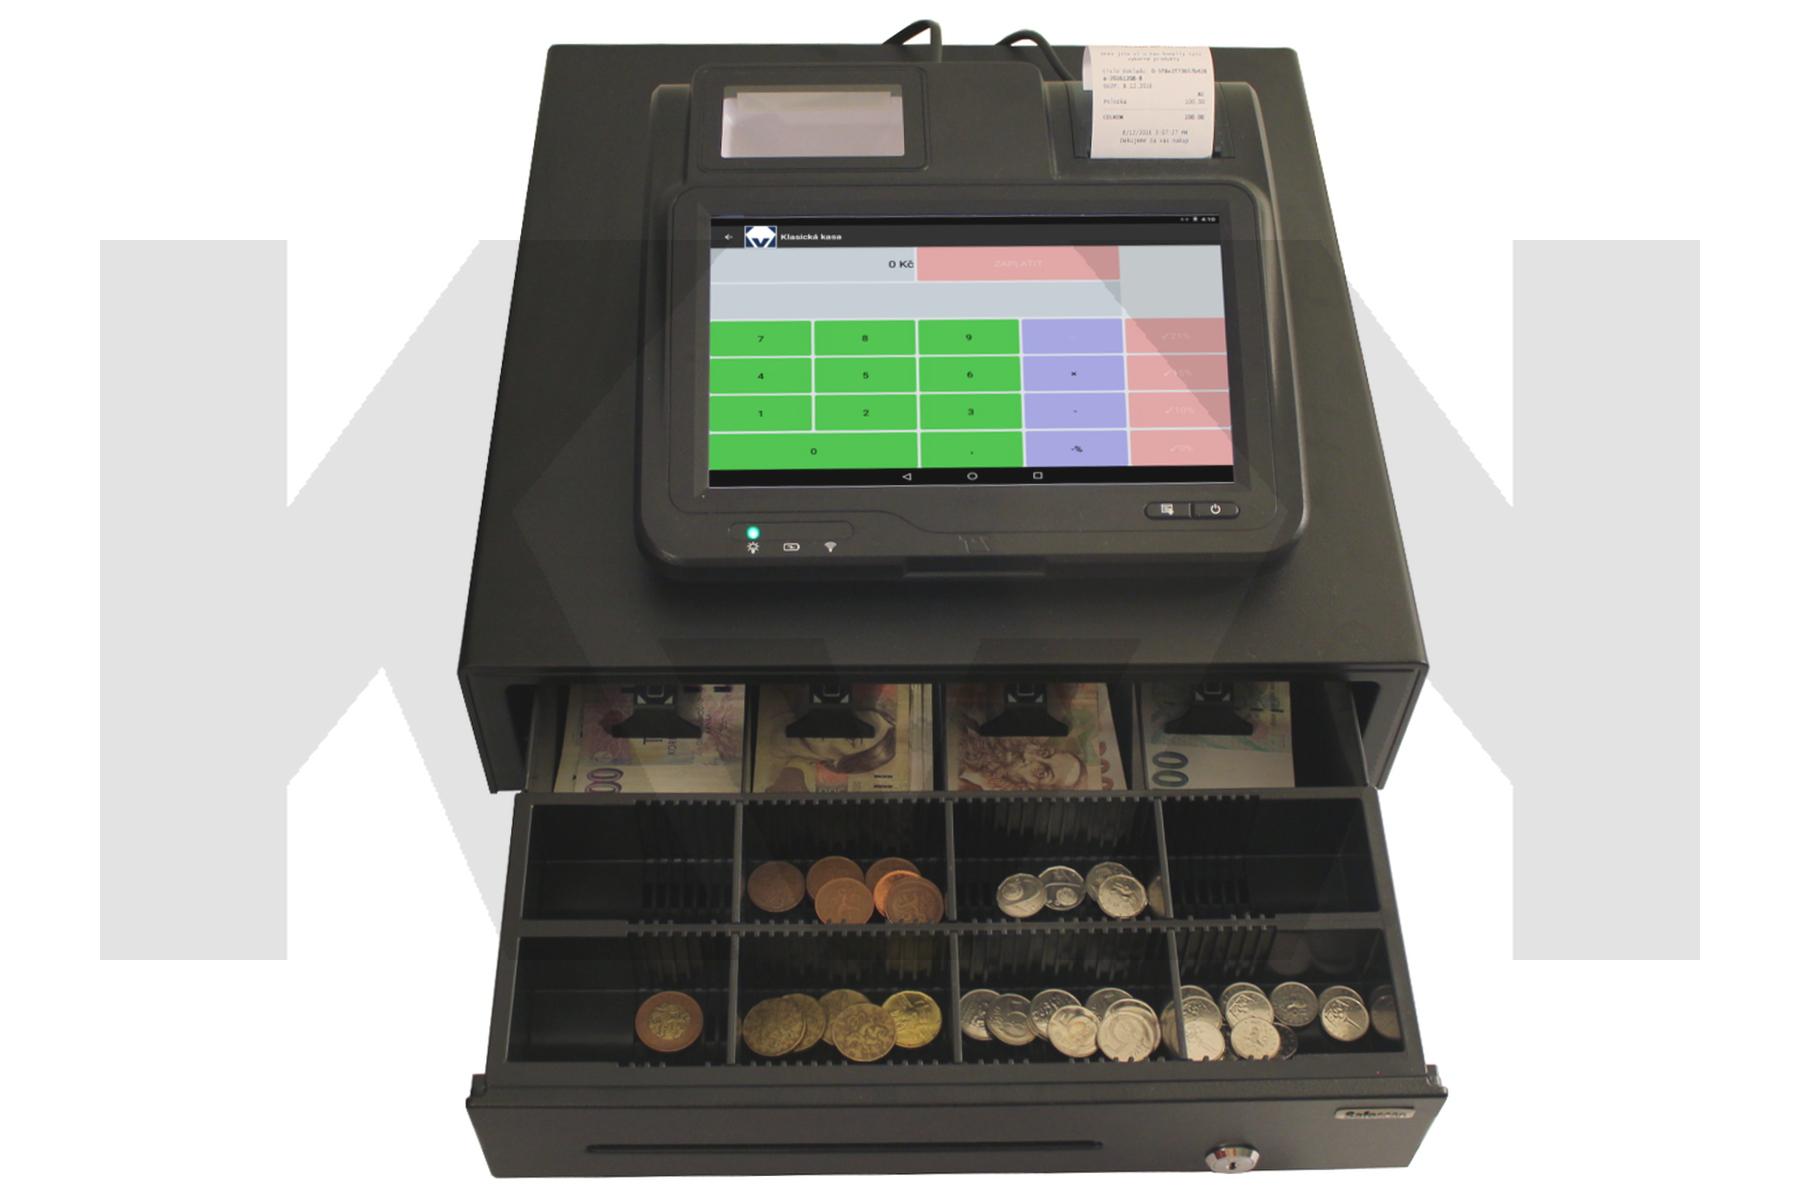 Stolní pokladna, pokladna na pult, EET, EET pokladna, EET kasa, malá pokladna, kapesní podkladna, pokladní terminál, android pokladna, pokladna se šuplíkem